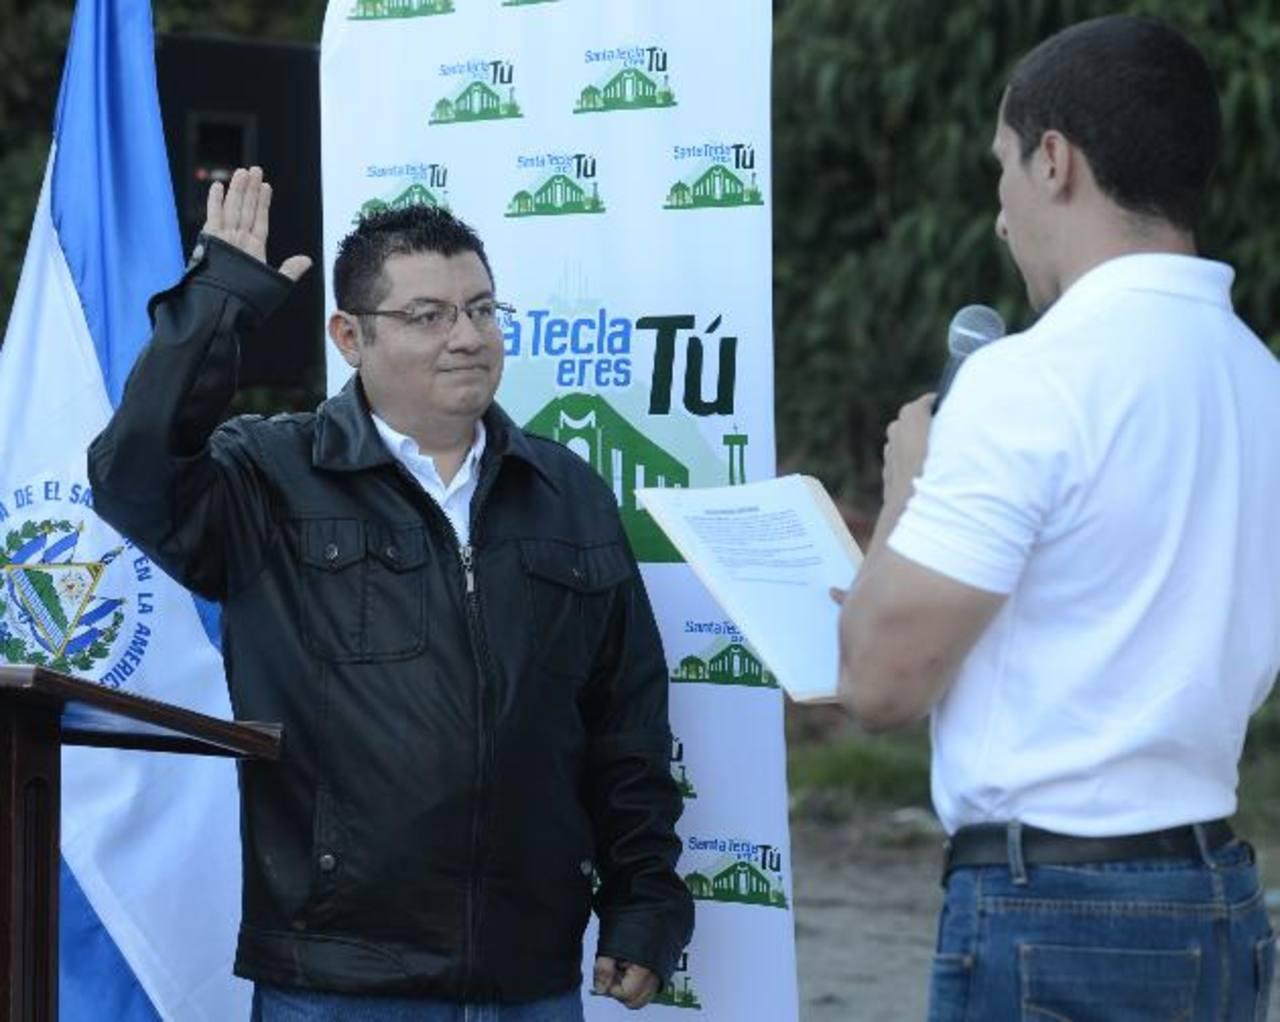 Émerson Pinto juramentó como aspirante a alcalde por Nueva San Salvador, comprometiéndose a servir a la sociedad.